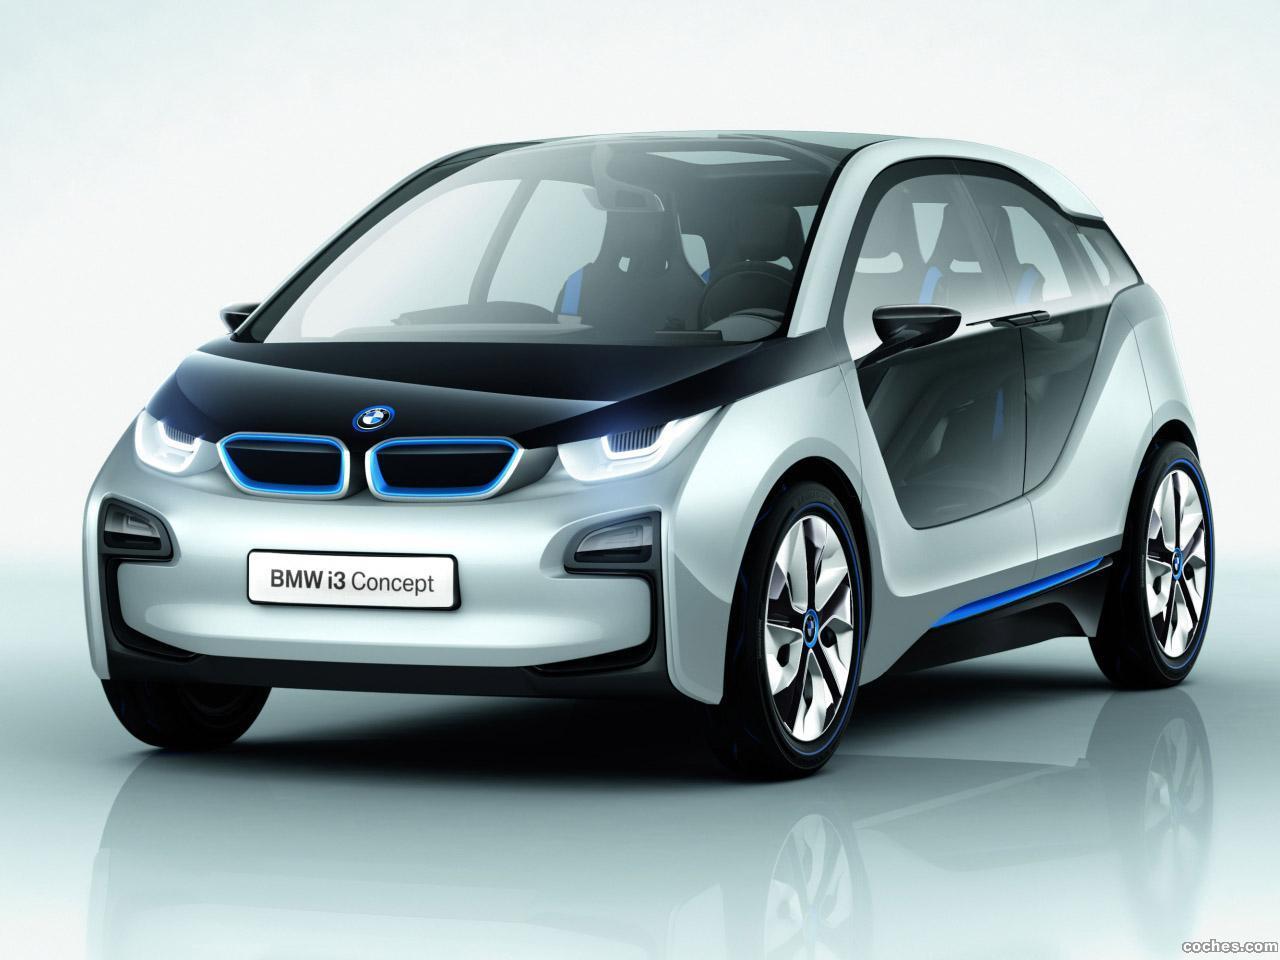 Foto 15 de BMW i3 Concept 2011